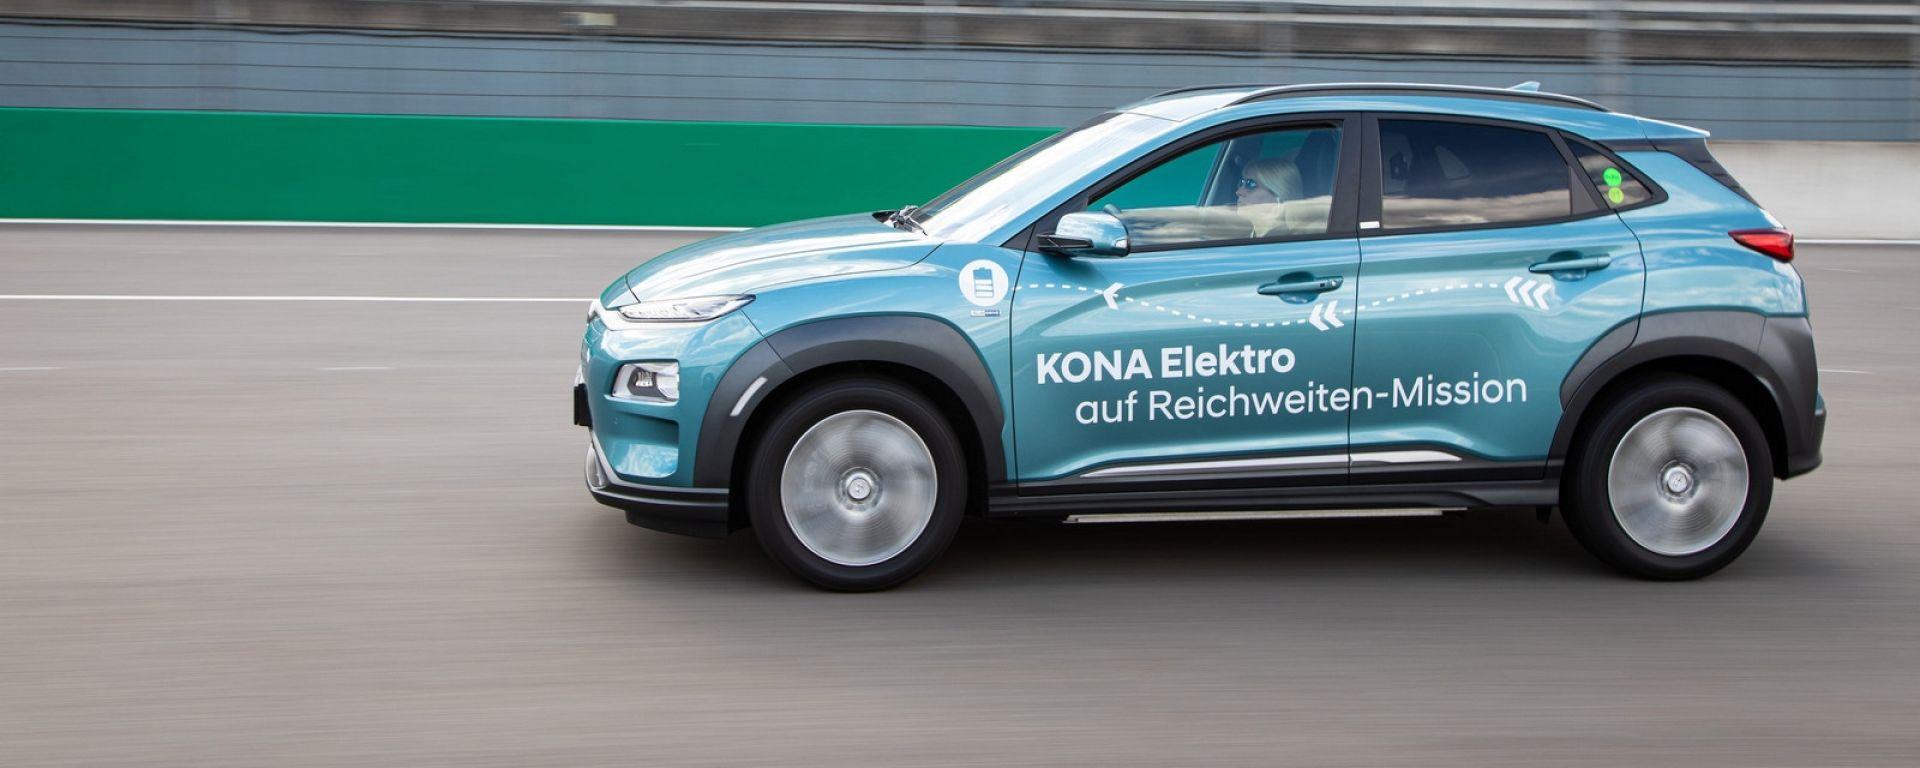 Hyundai Kona Electric: è record di autonomia al Lausitzring